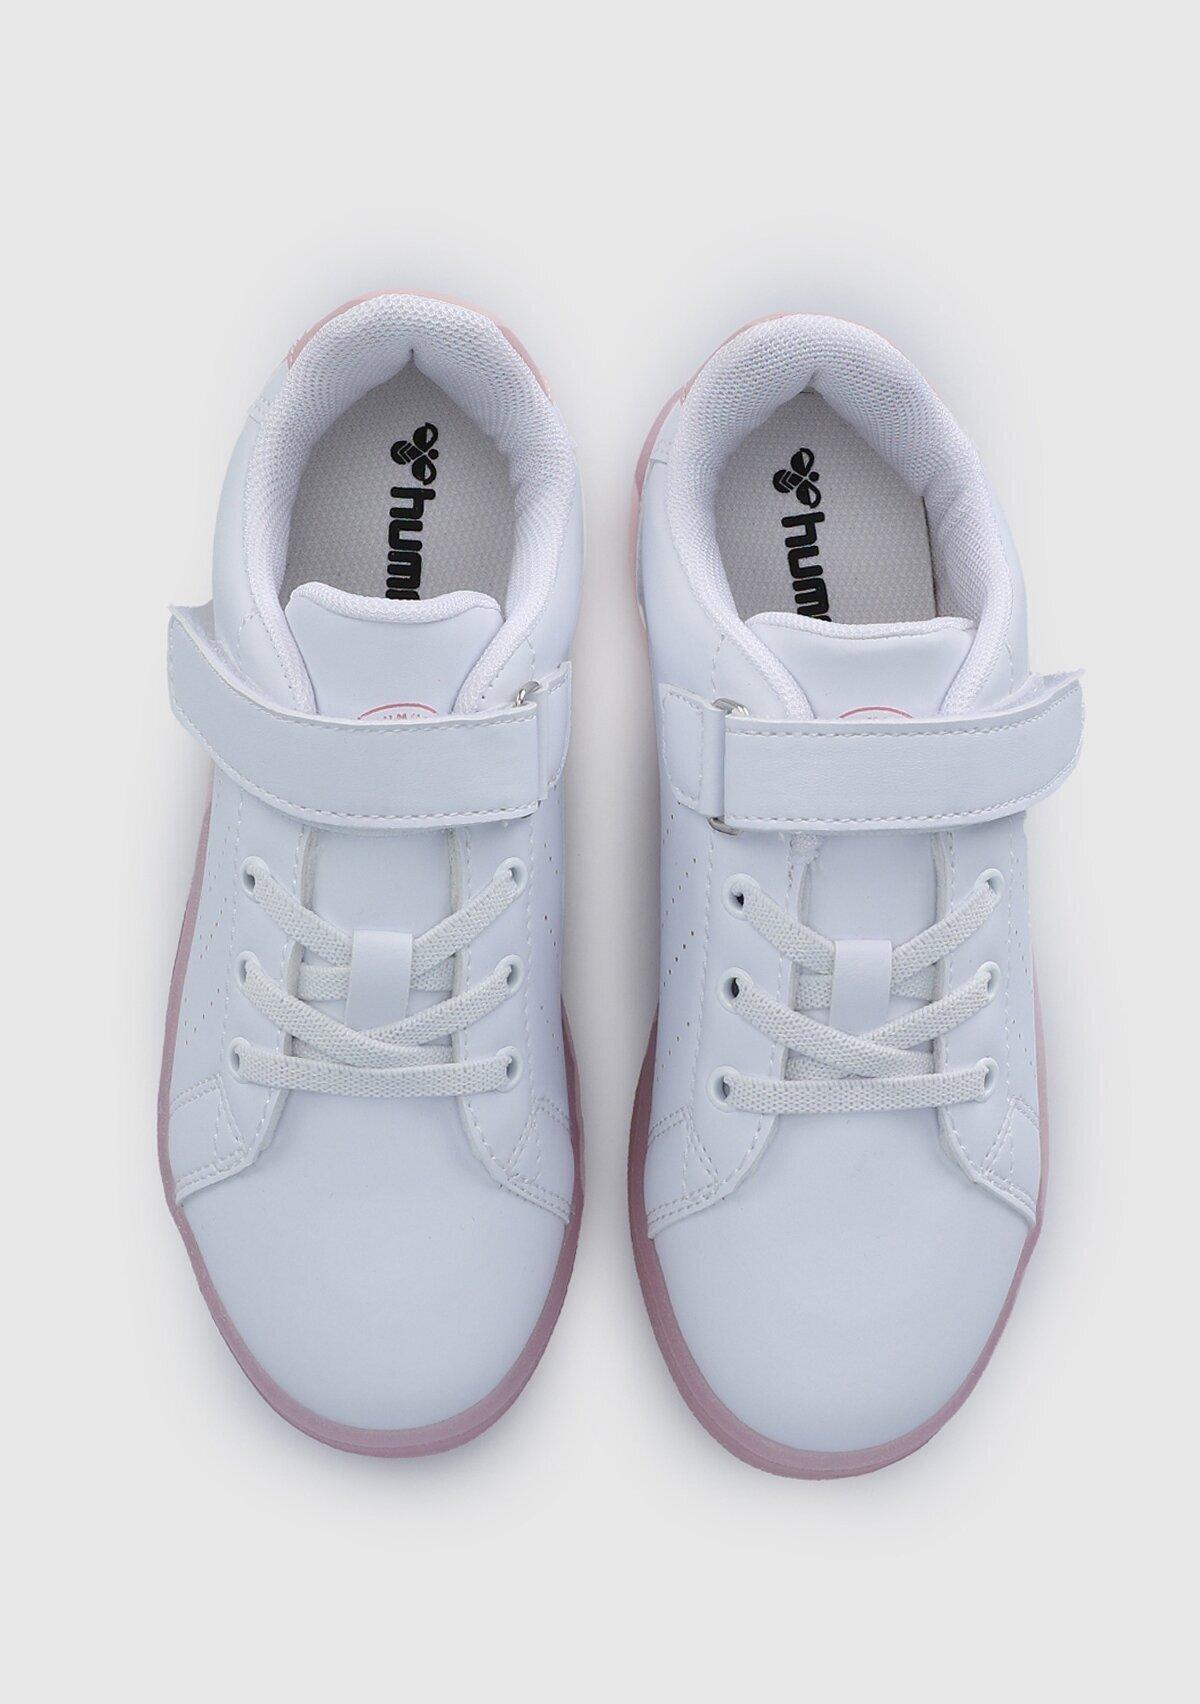 resm Hmltaegu Jr Sneaker Beyaz Kız Çocuk Sneaker 212701